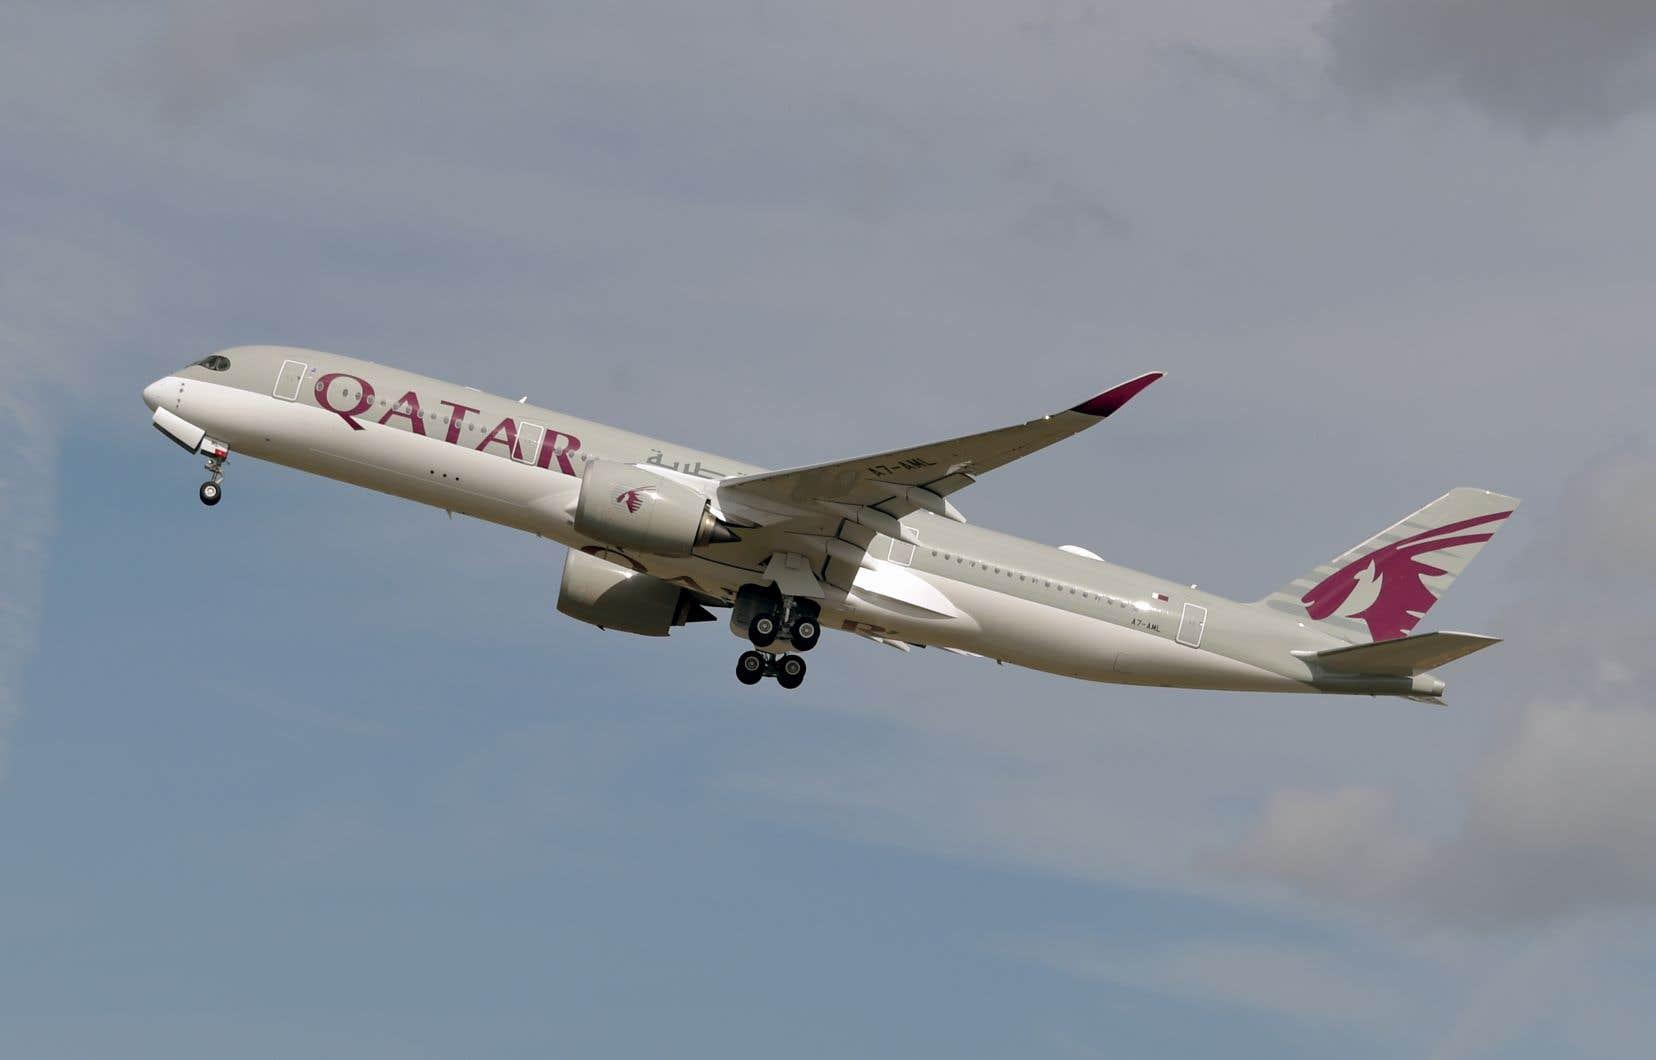 <p>Le 2octobre, des agents de l'aéroport de Doha avaient fait descendre d'avion des passagères d'un des vols à destination de Sydney, les forçant ensuite à subir des examens gynécologiques.</p>